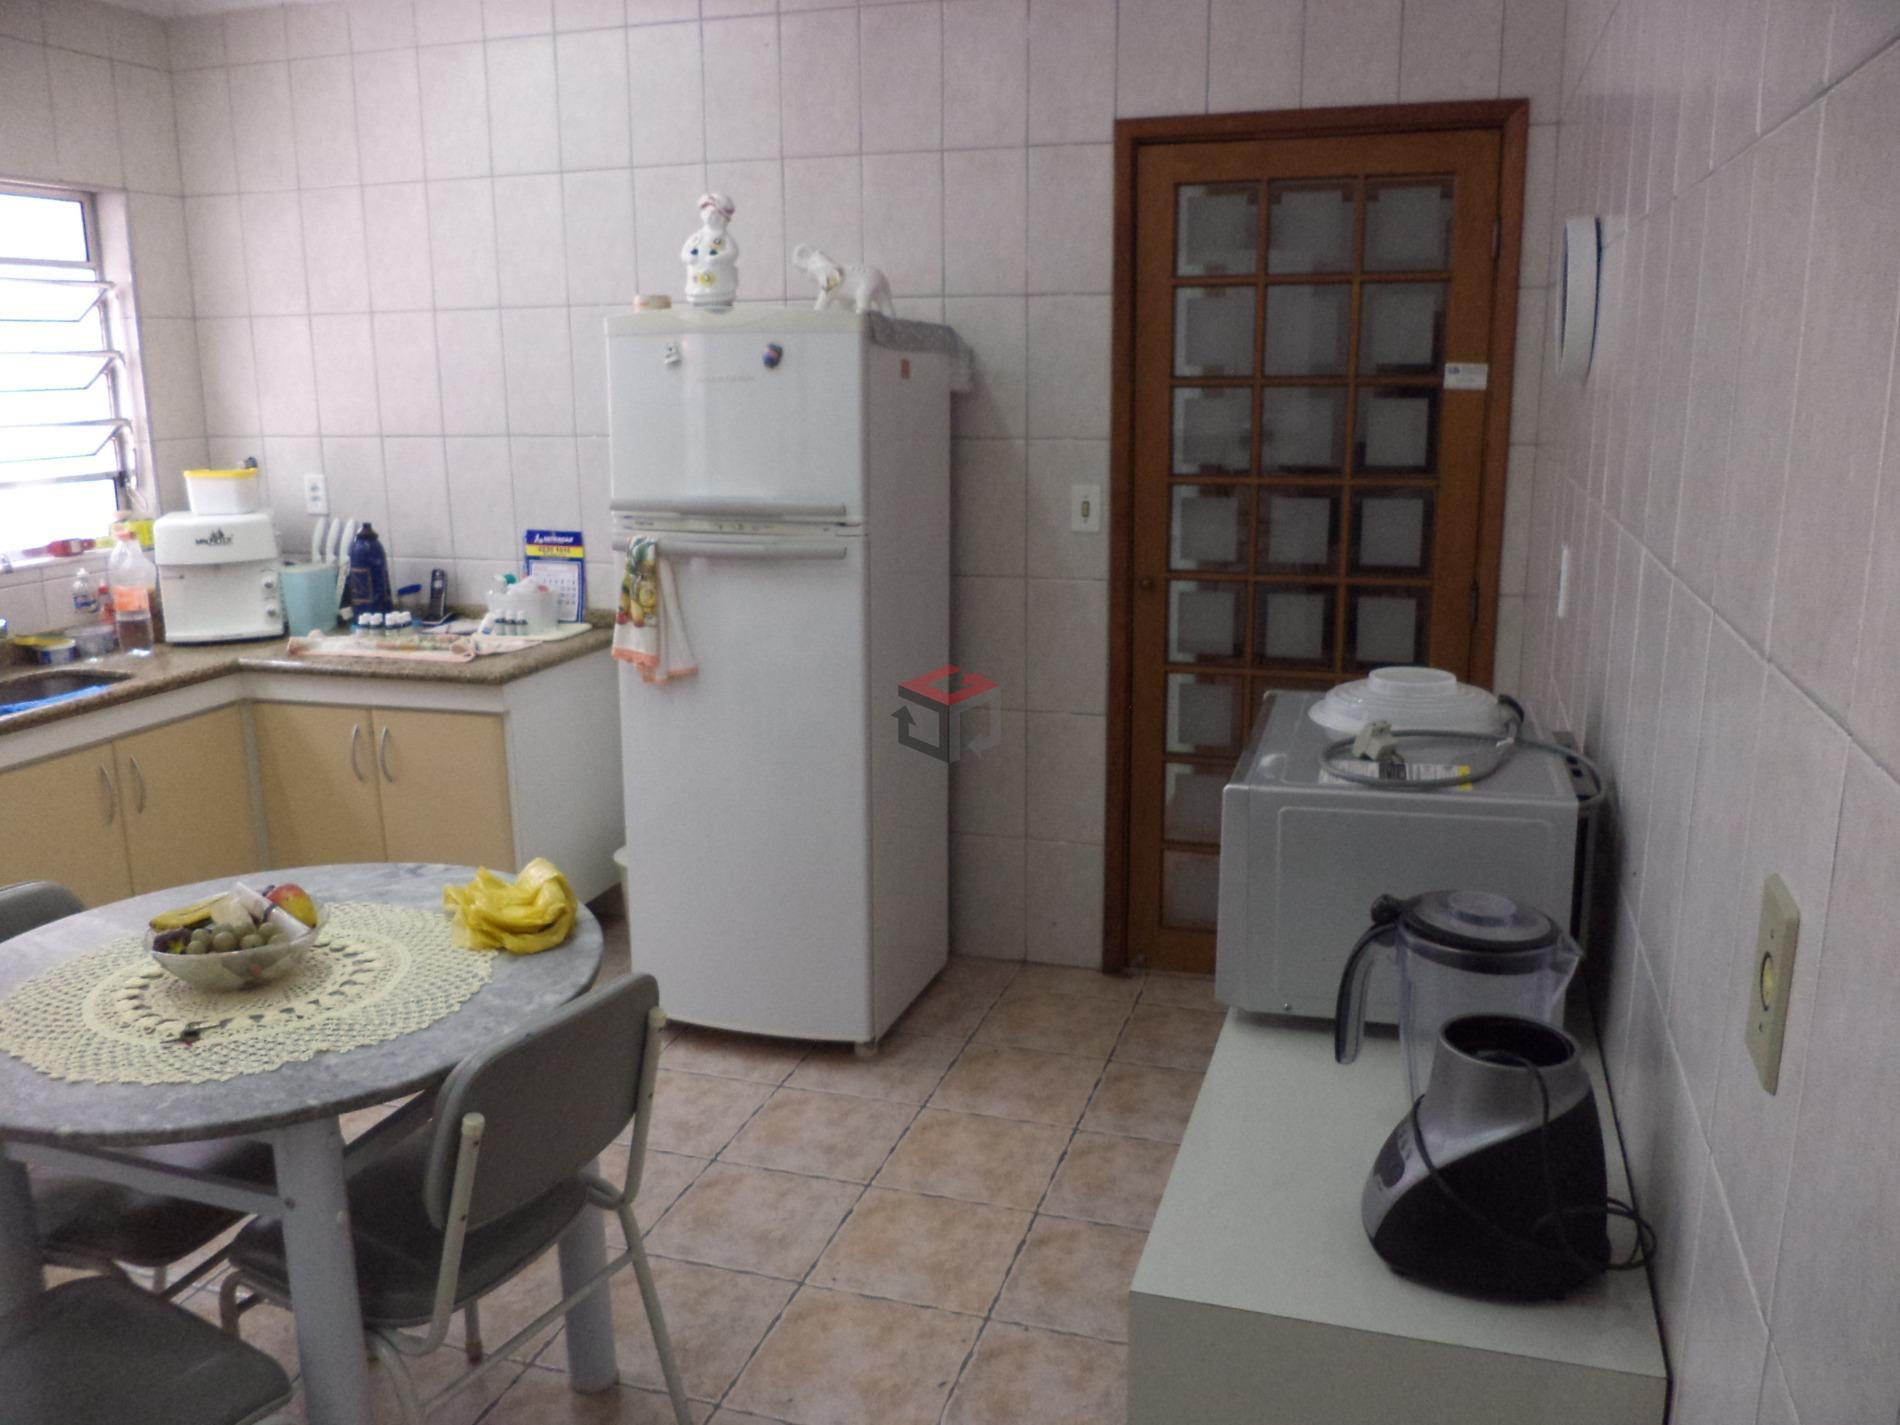 casa térrea em ótima localização - santa maria - scs - com 2 dormitórios com piso...